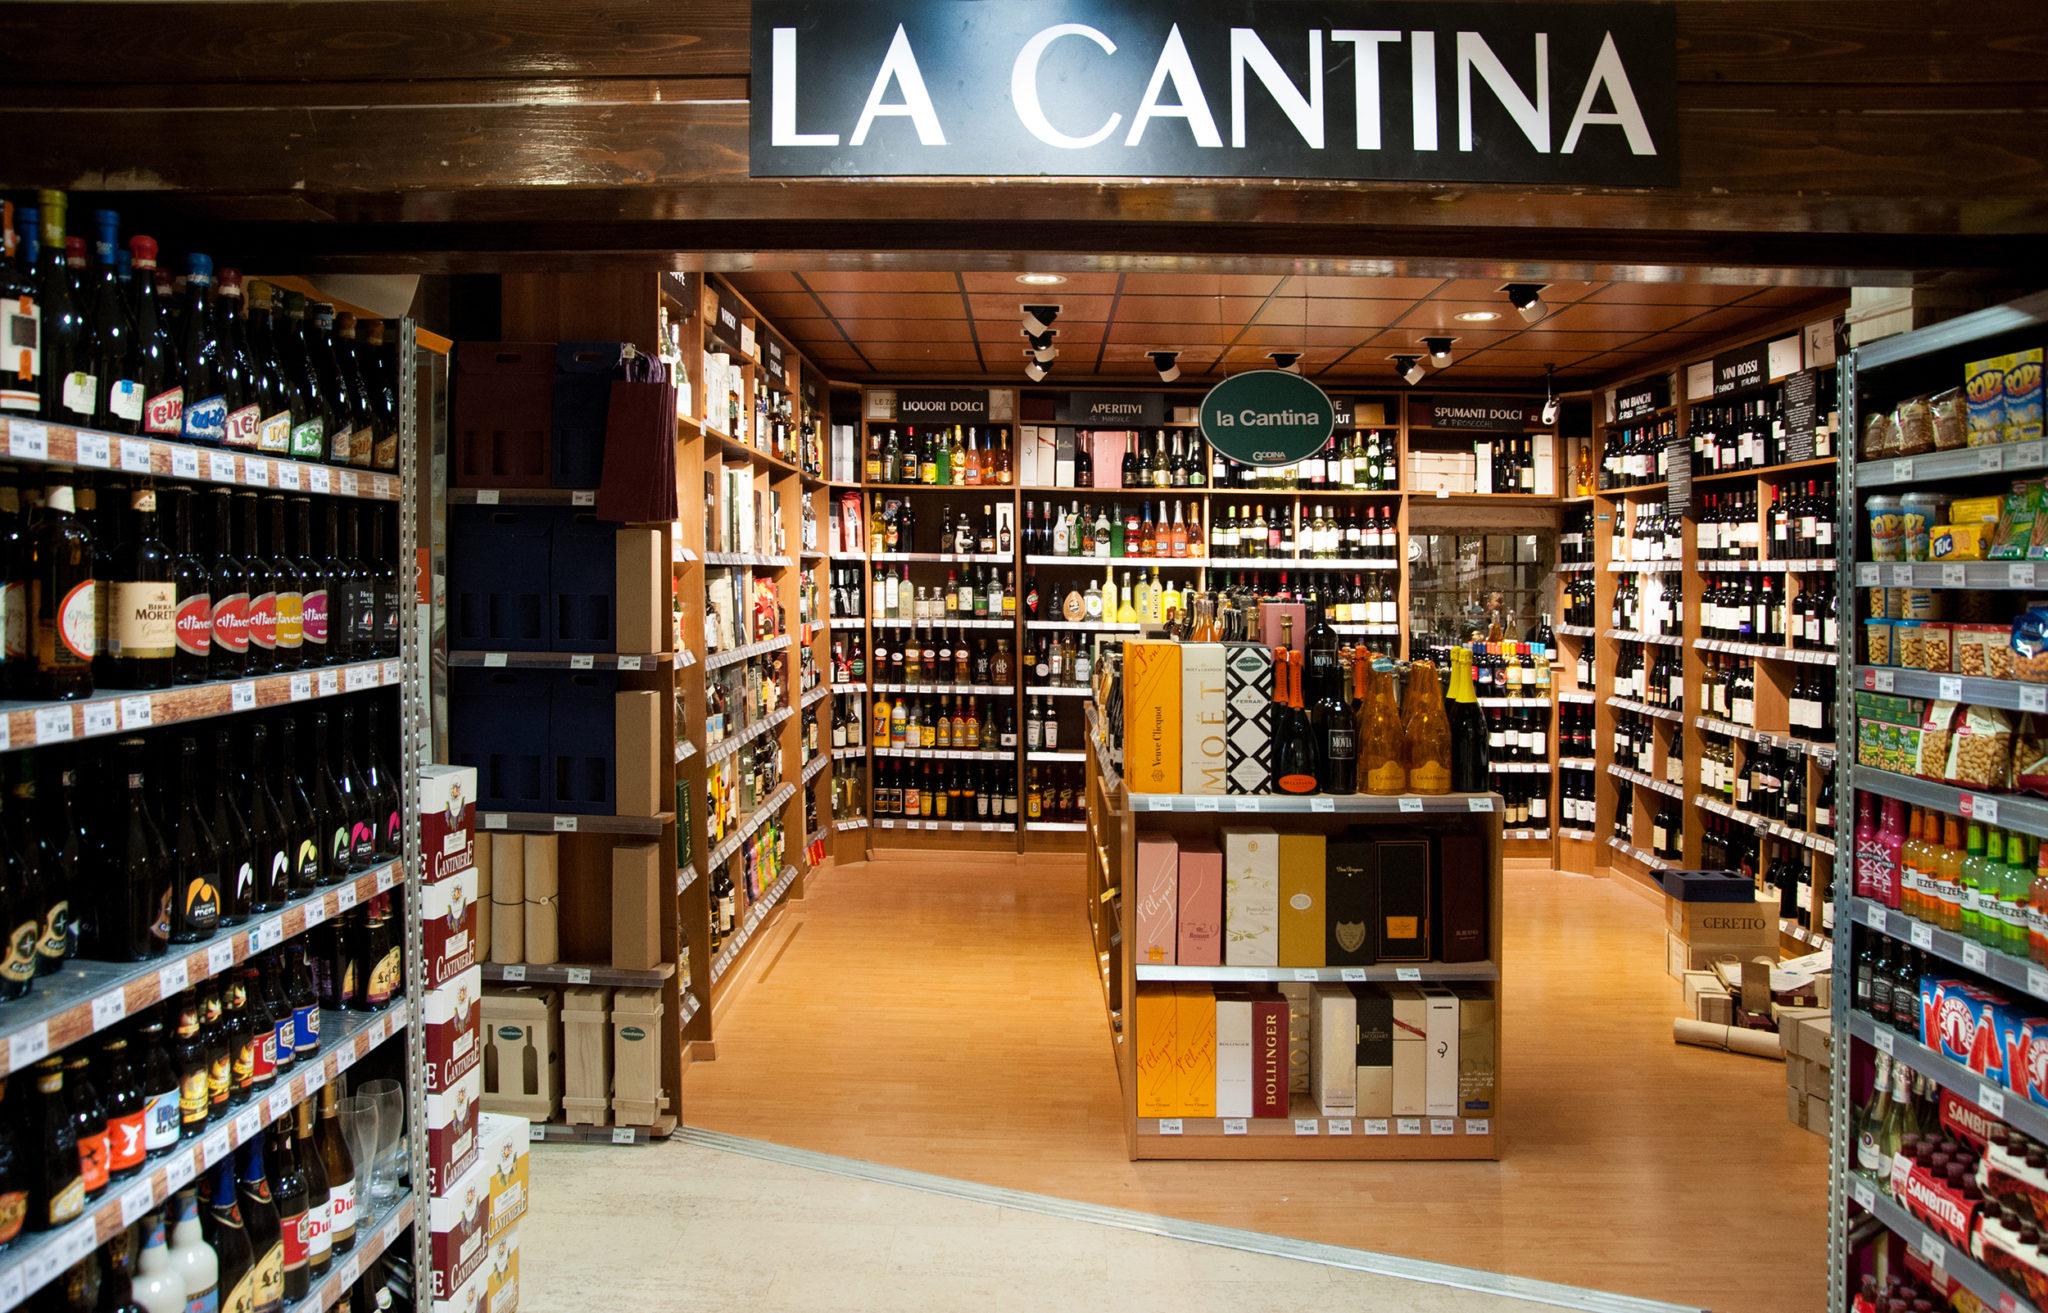 Gorizia wines